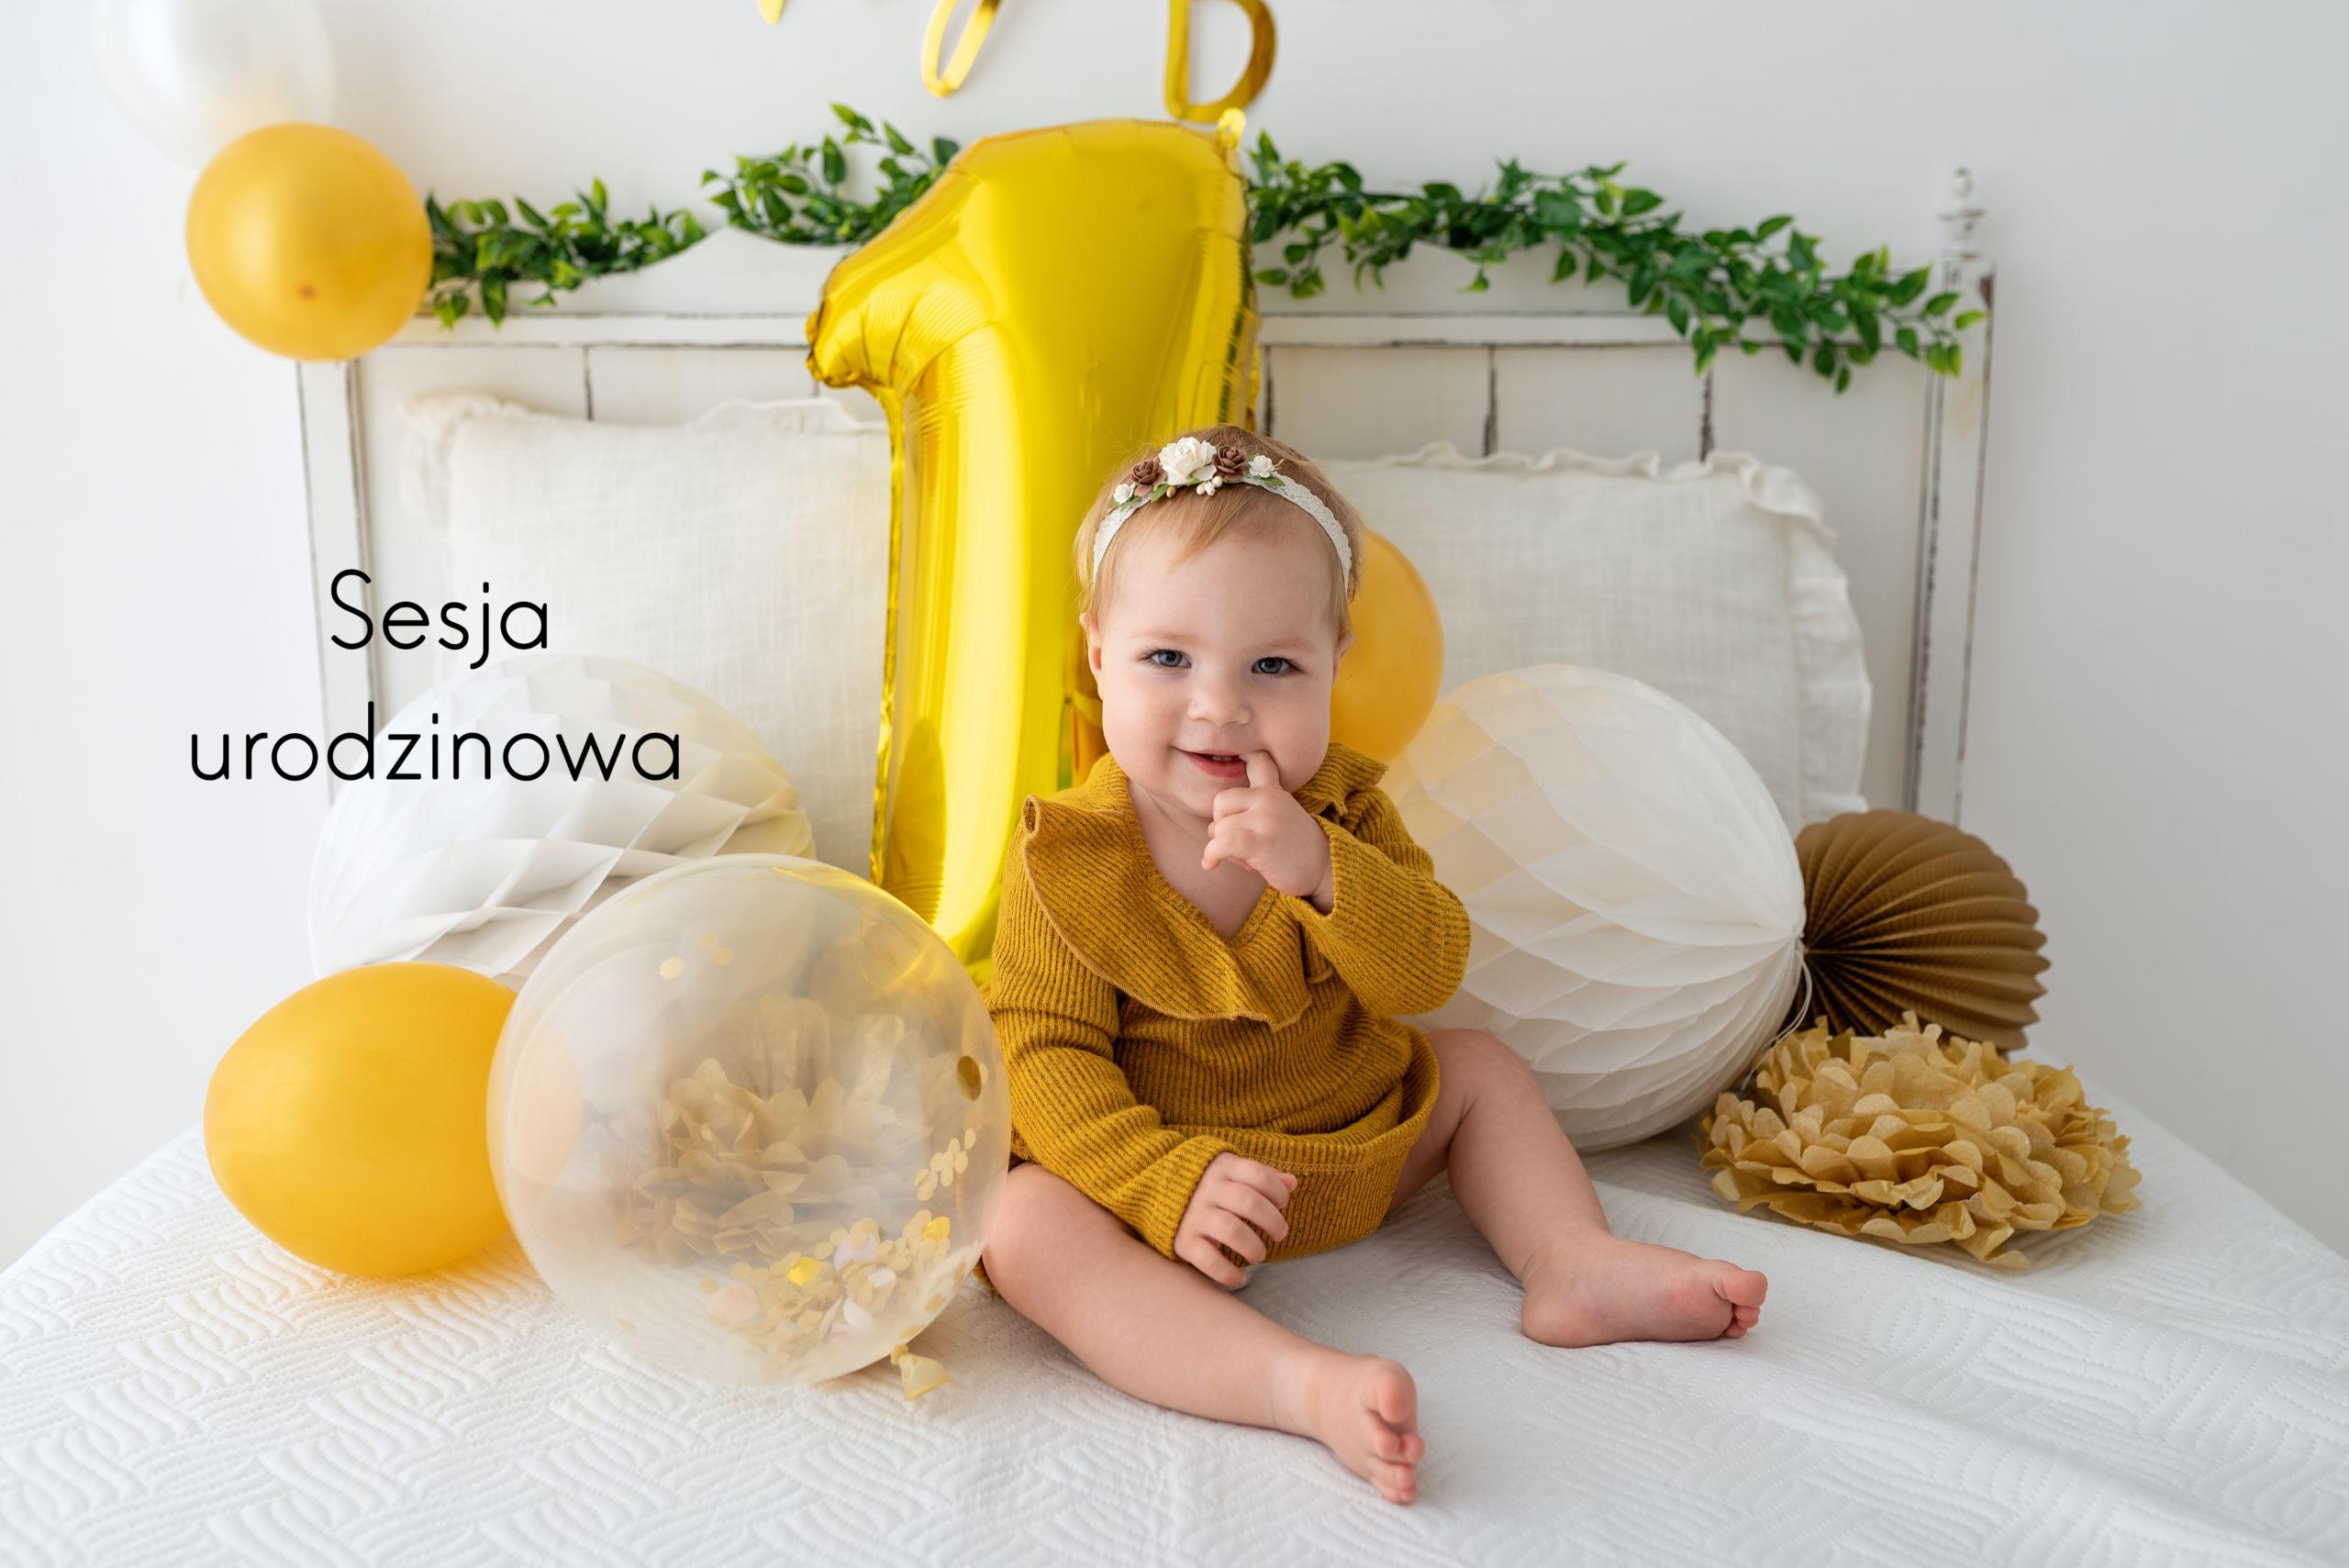 Sesja urodzinowa Słupsk